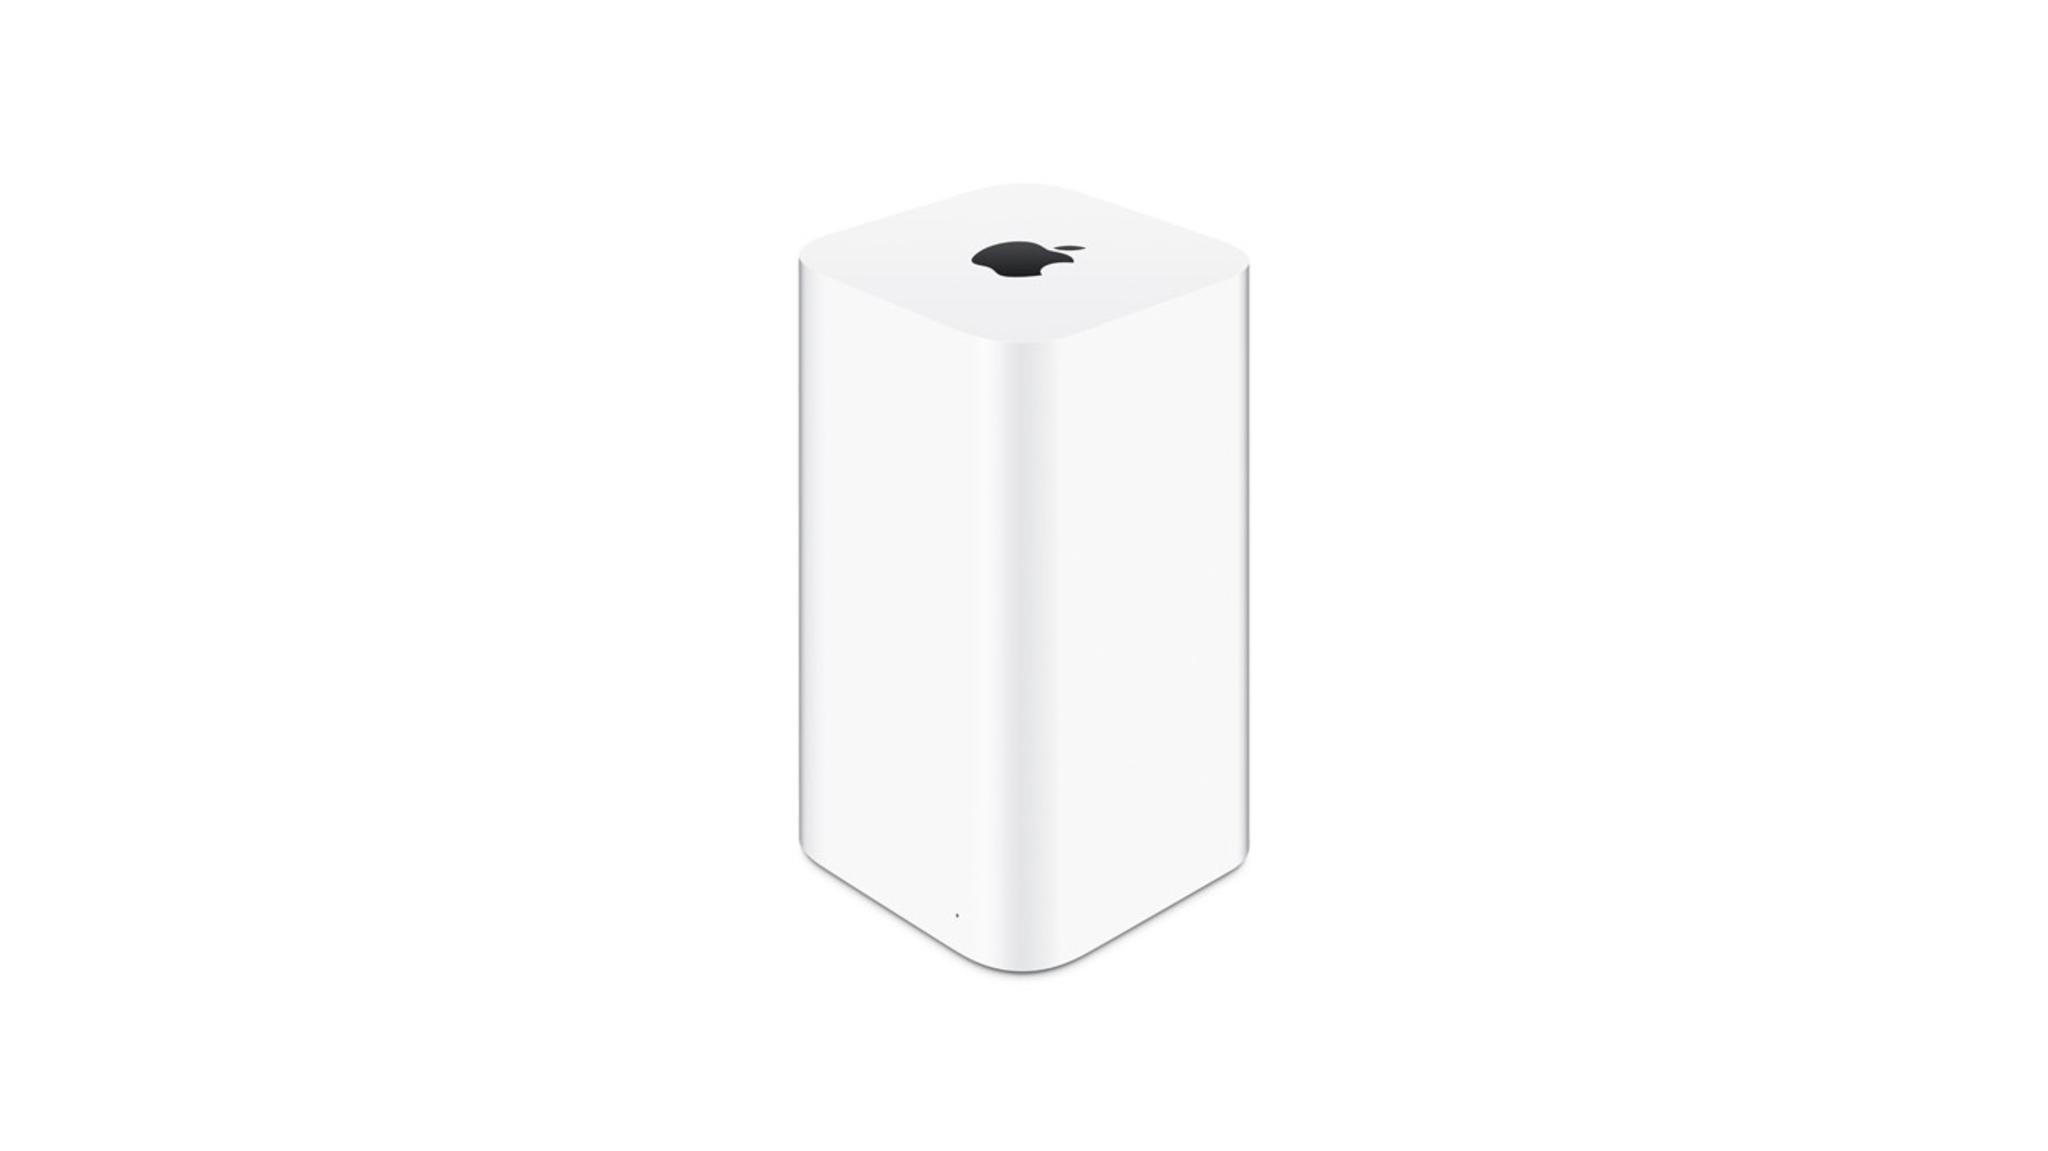 Apple verabschiedet sich von seinen AirPort-Routern.